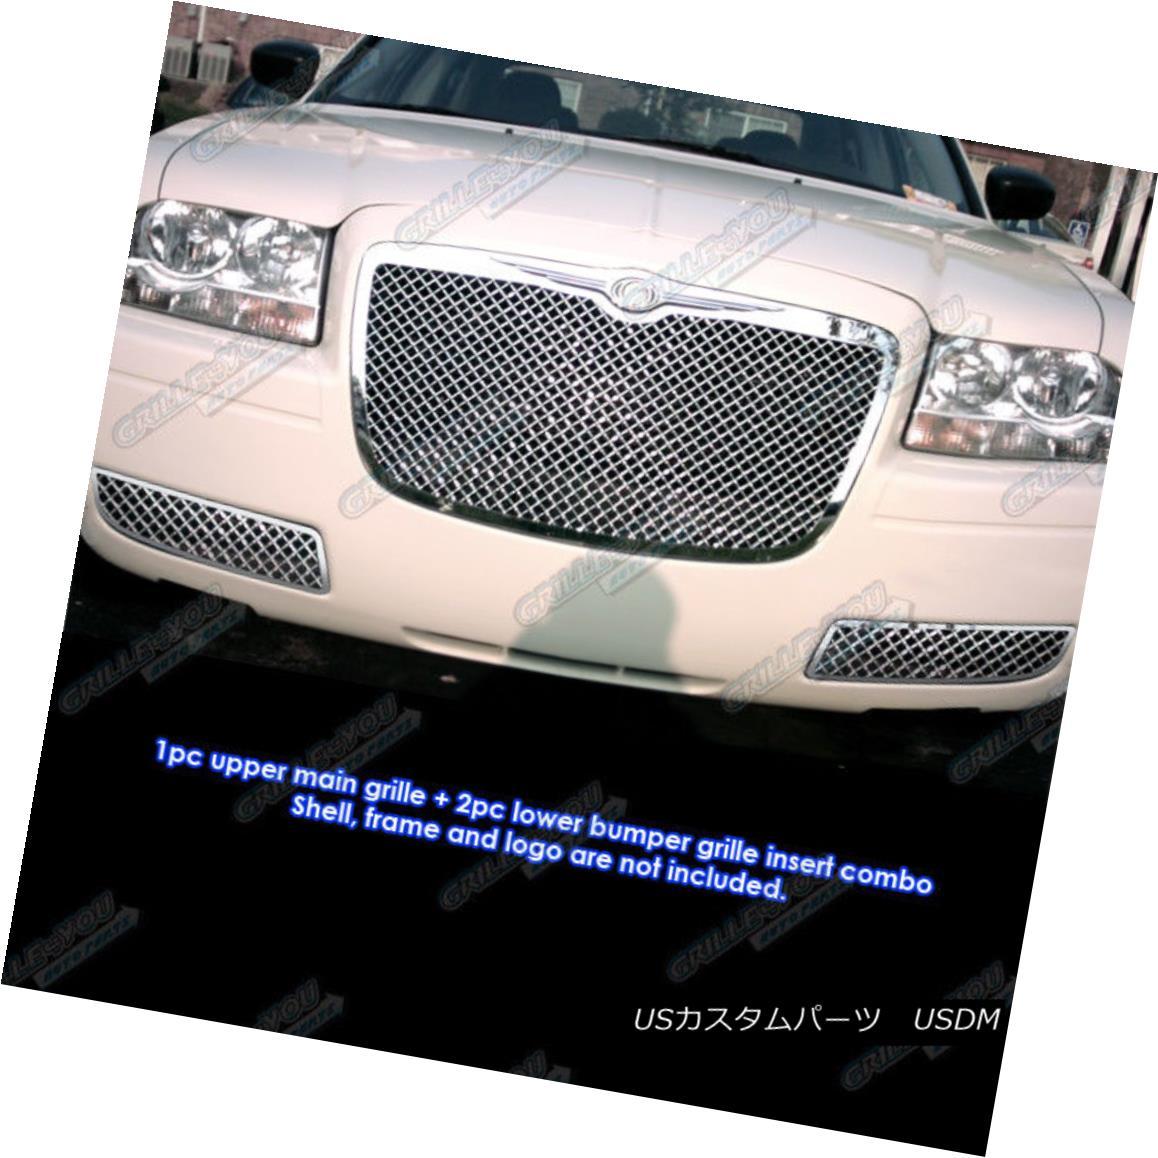 グリル Fits 05-10 Chrysler 300 Stainless Steel Mesh Grille Grill Combo Insert フィット05-10クライスラー300ステンレスメッシュグリルグリルコンボインサート